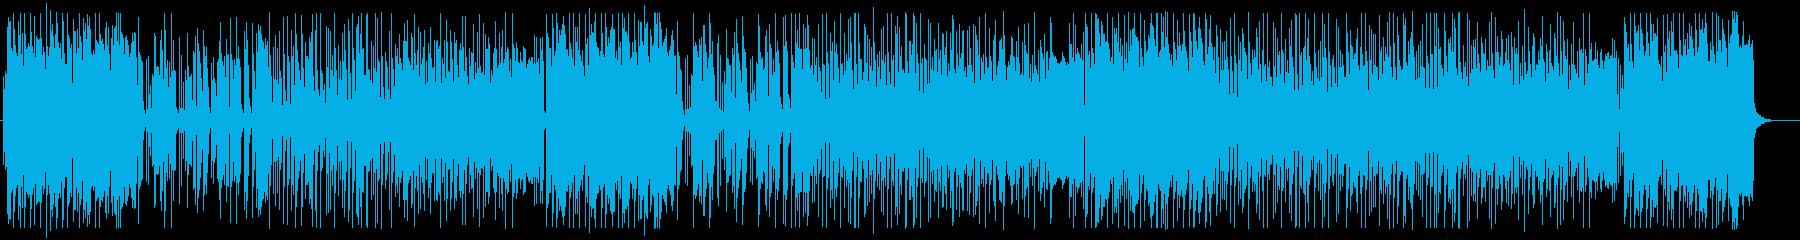 アイドルにぴったりのシンセポップの再生済みの波形